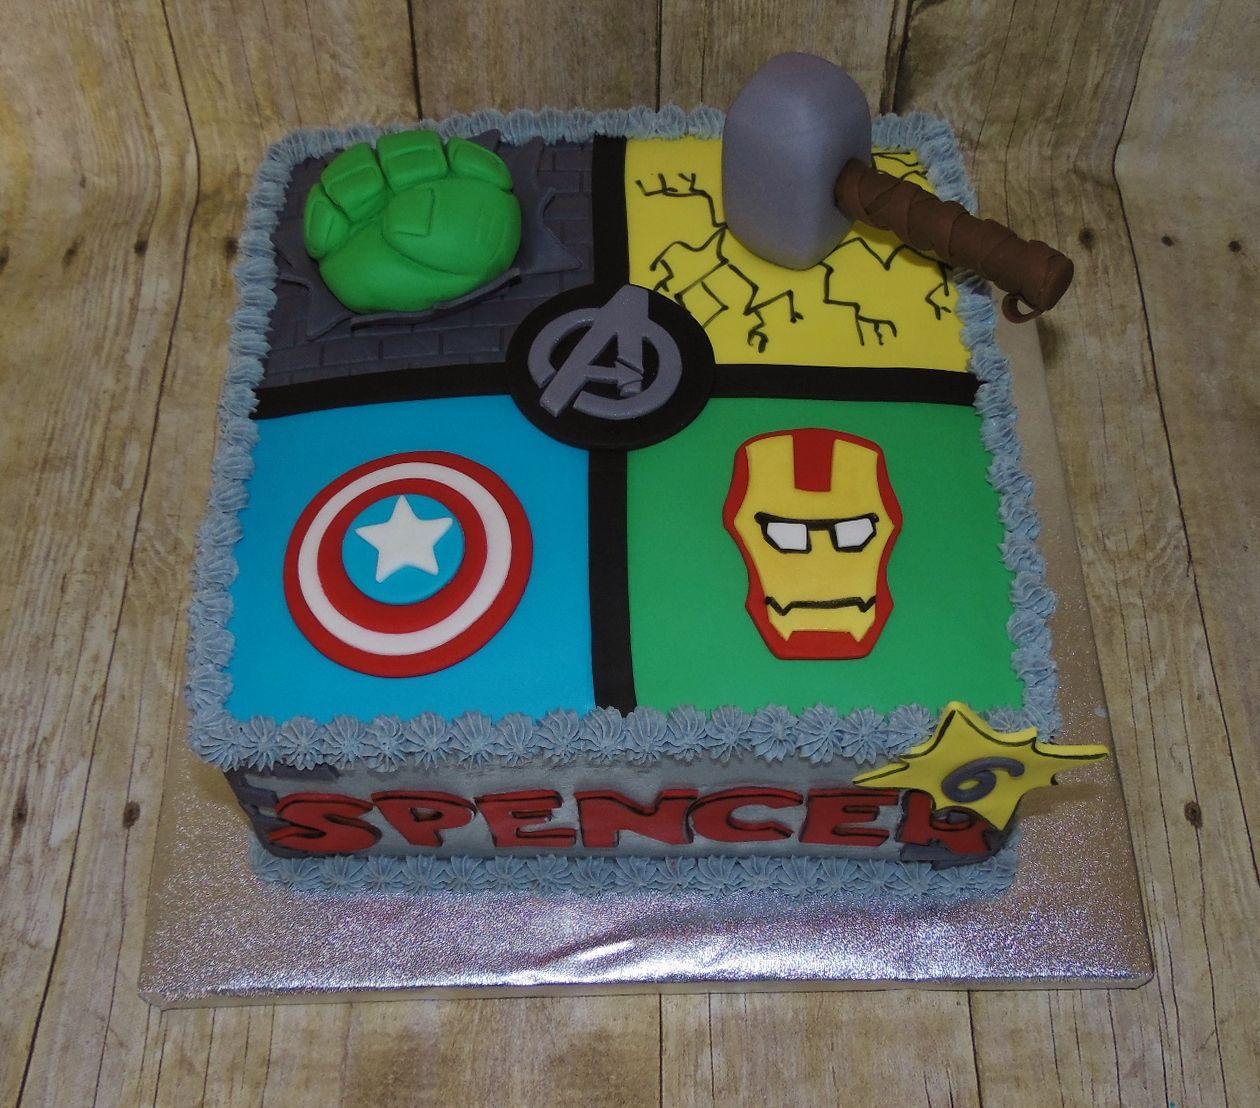 Superhero Avengers Birthday Cake Thor Captain America Hulk IronMan